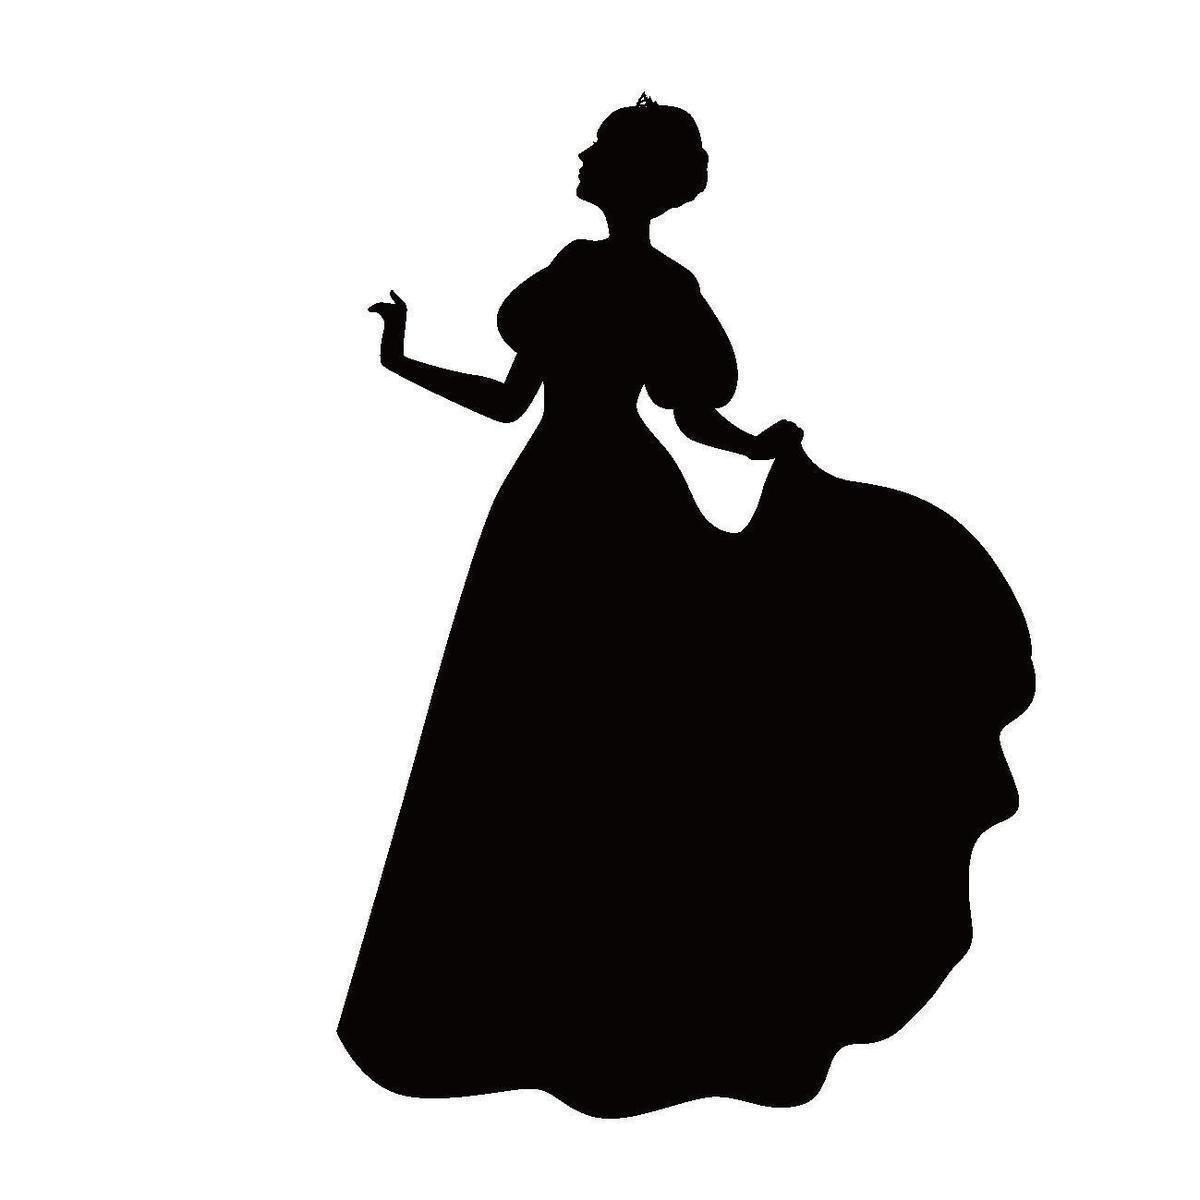 プリンセス願望を叶える「プリンセス7箇条」を実践して幸せに生きよう